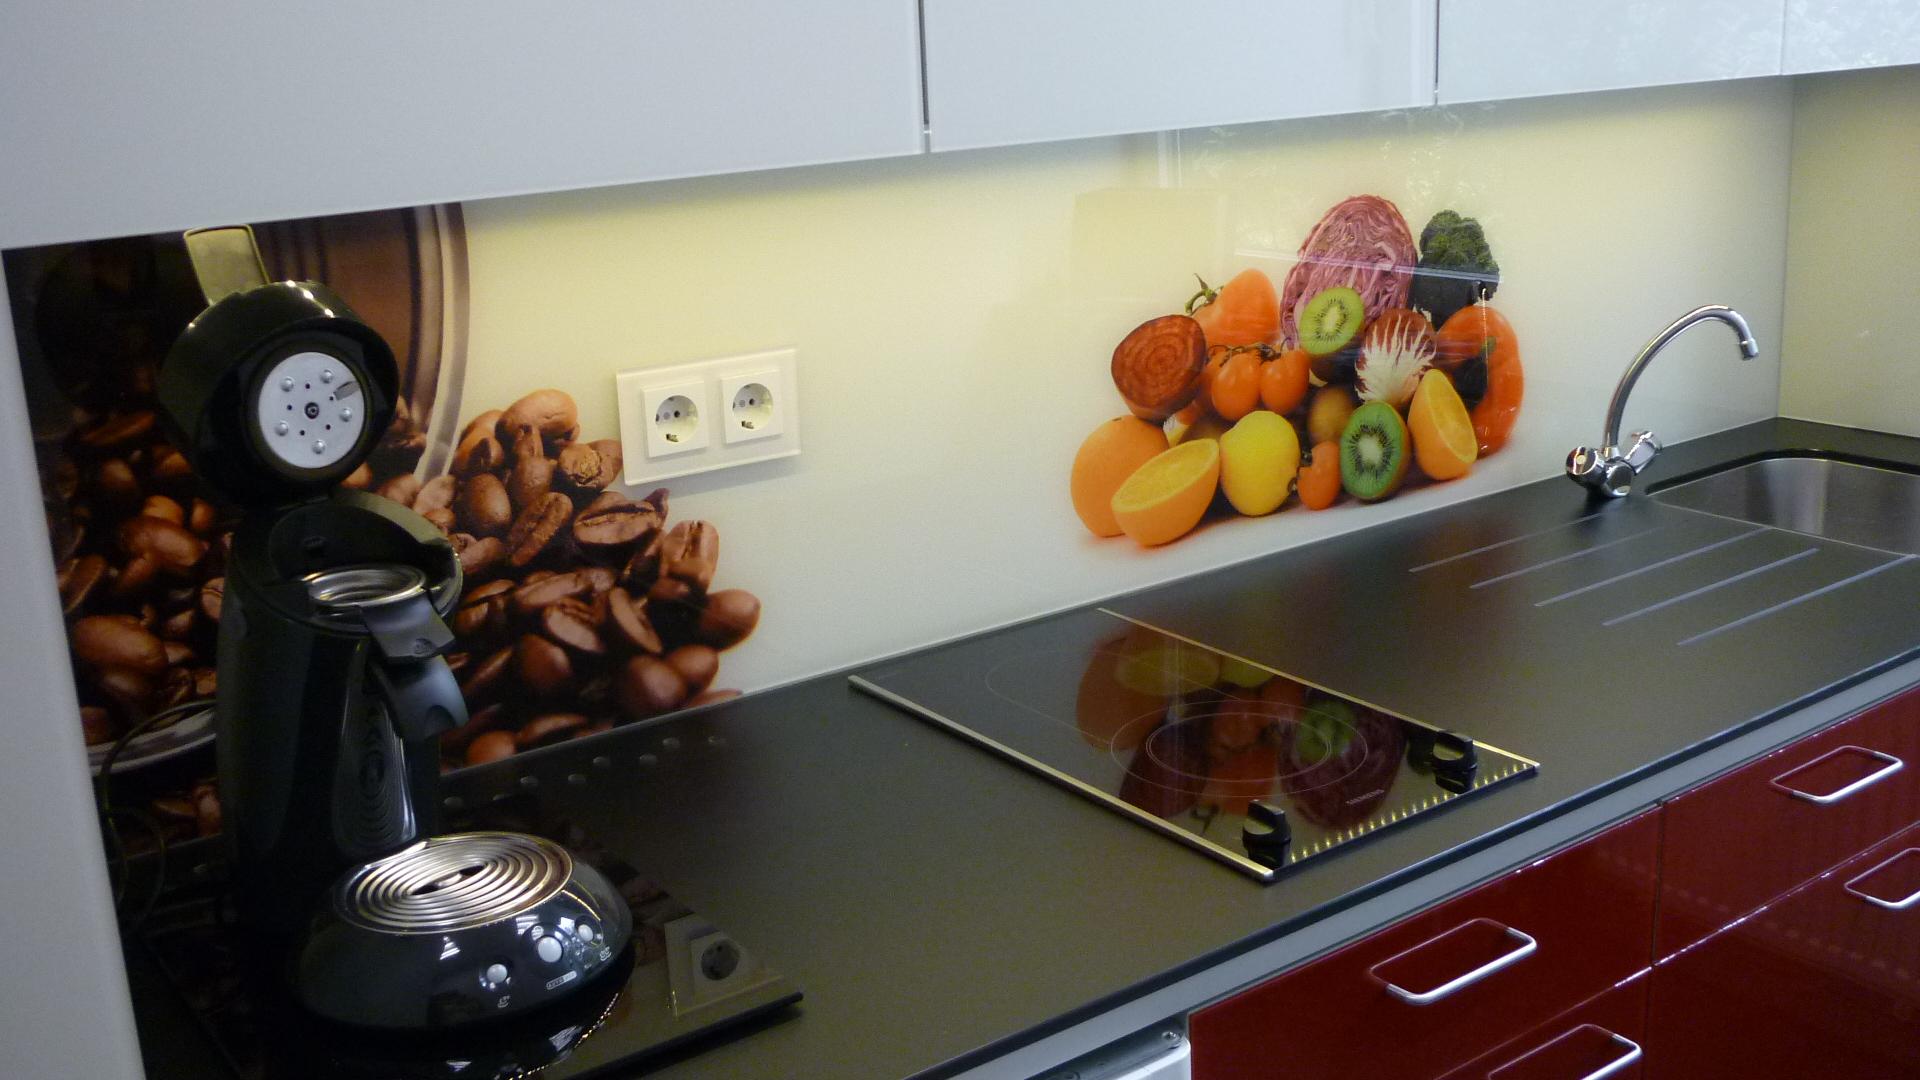 K chenarbeitsplatte aus glas glas hetterich gmbh for Kuchenarbeitsplatte aus glas